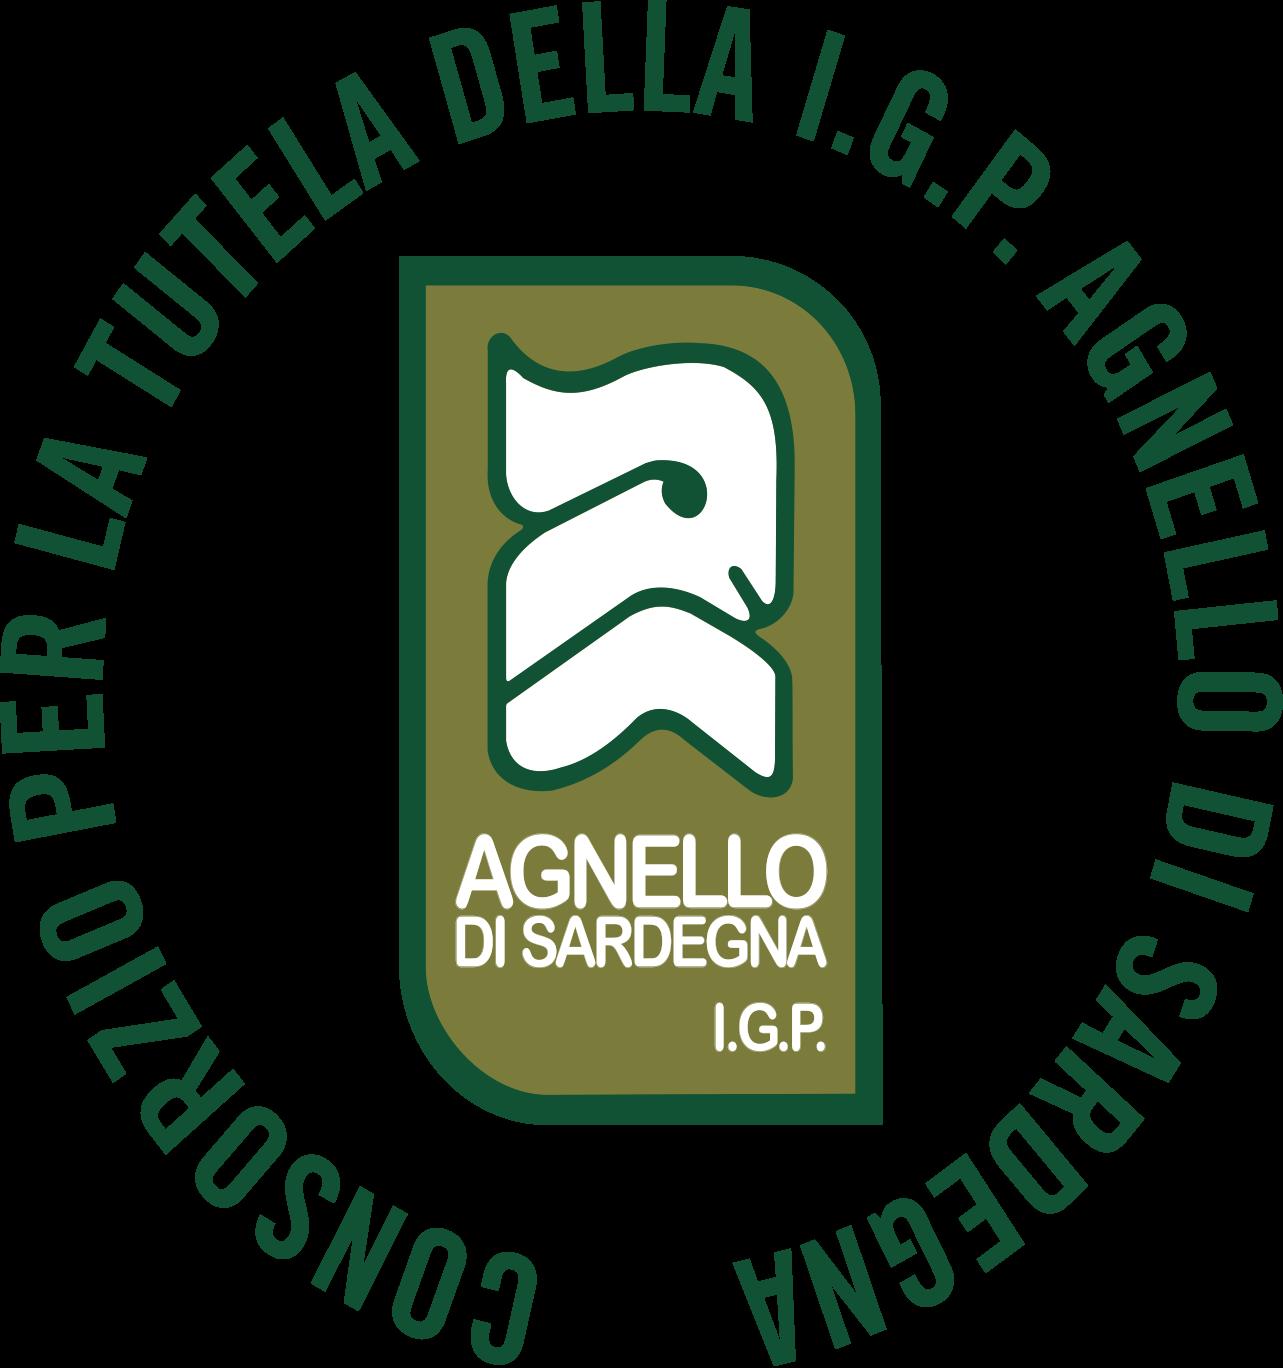 Con.T.A.S. Consorzio per la Tutela della IGP Agnello di Sardegna